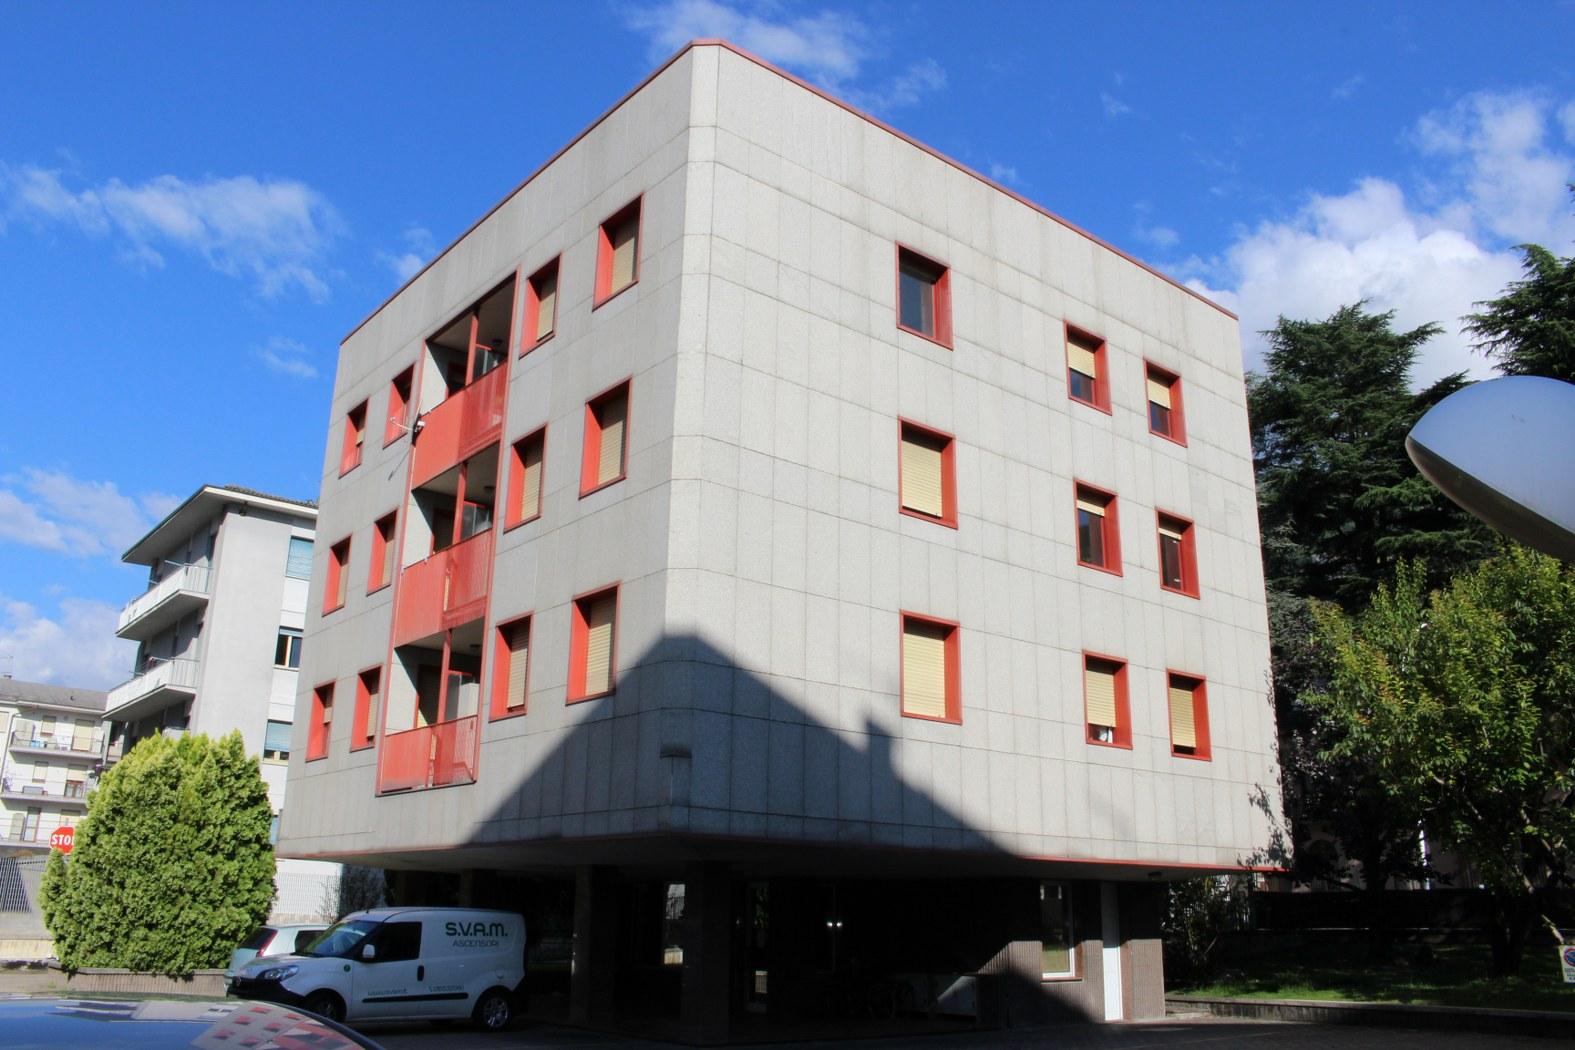 Appartamento in vendita a Aosta, 4 locali, zona Zona: Semicentro, prezzo € 179.000   CambioCasa.it